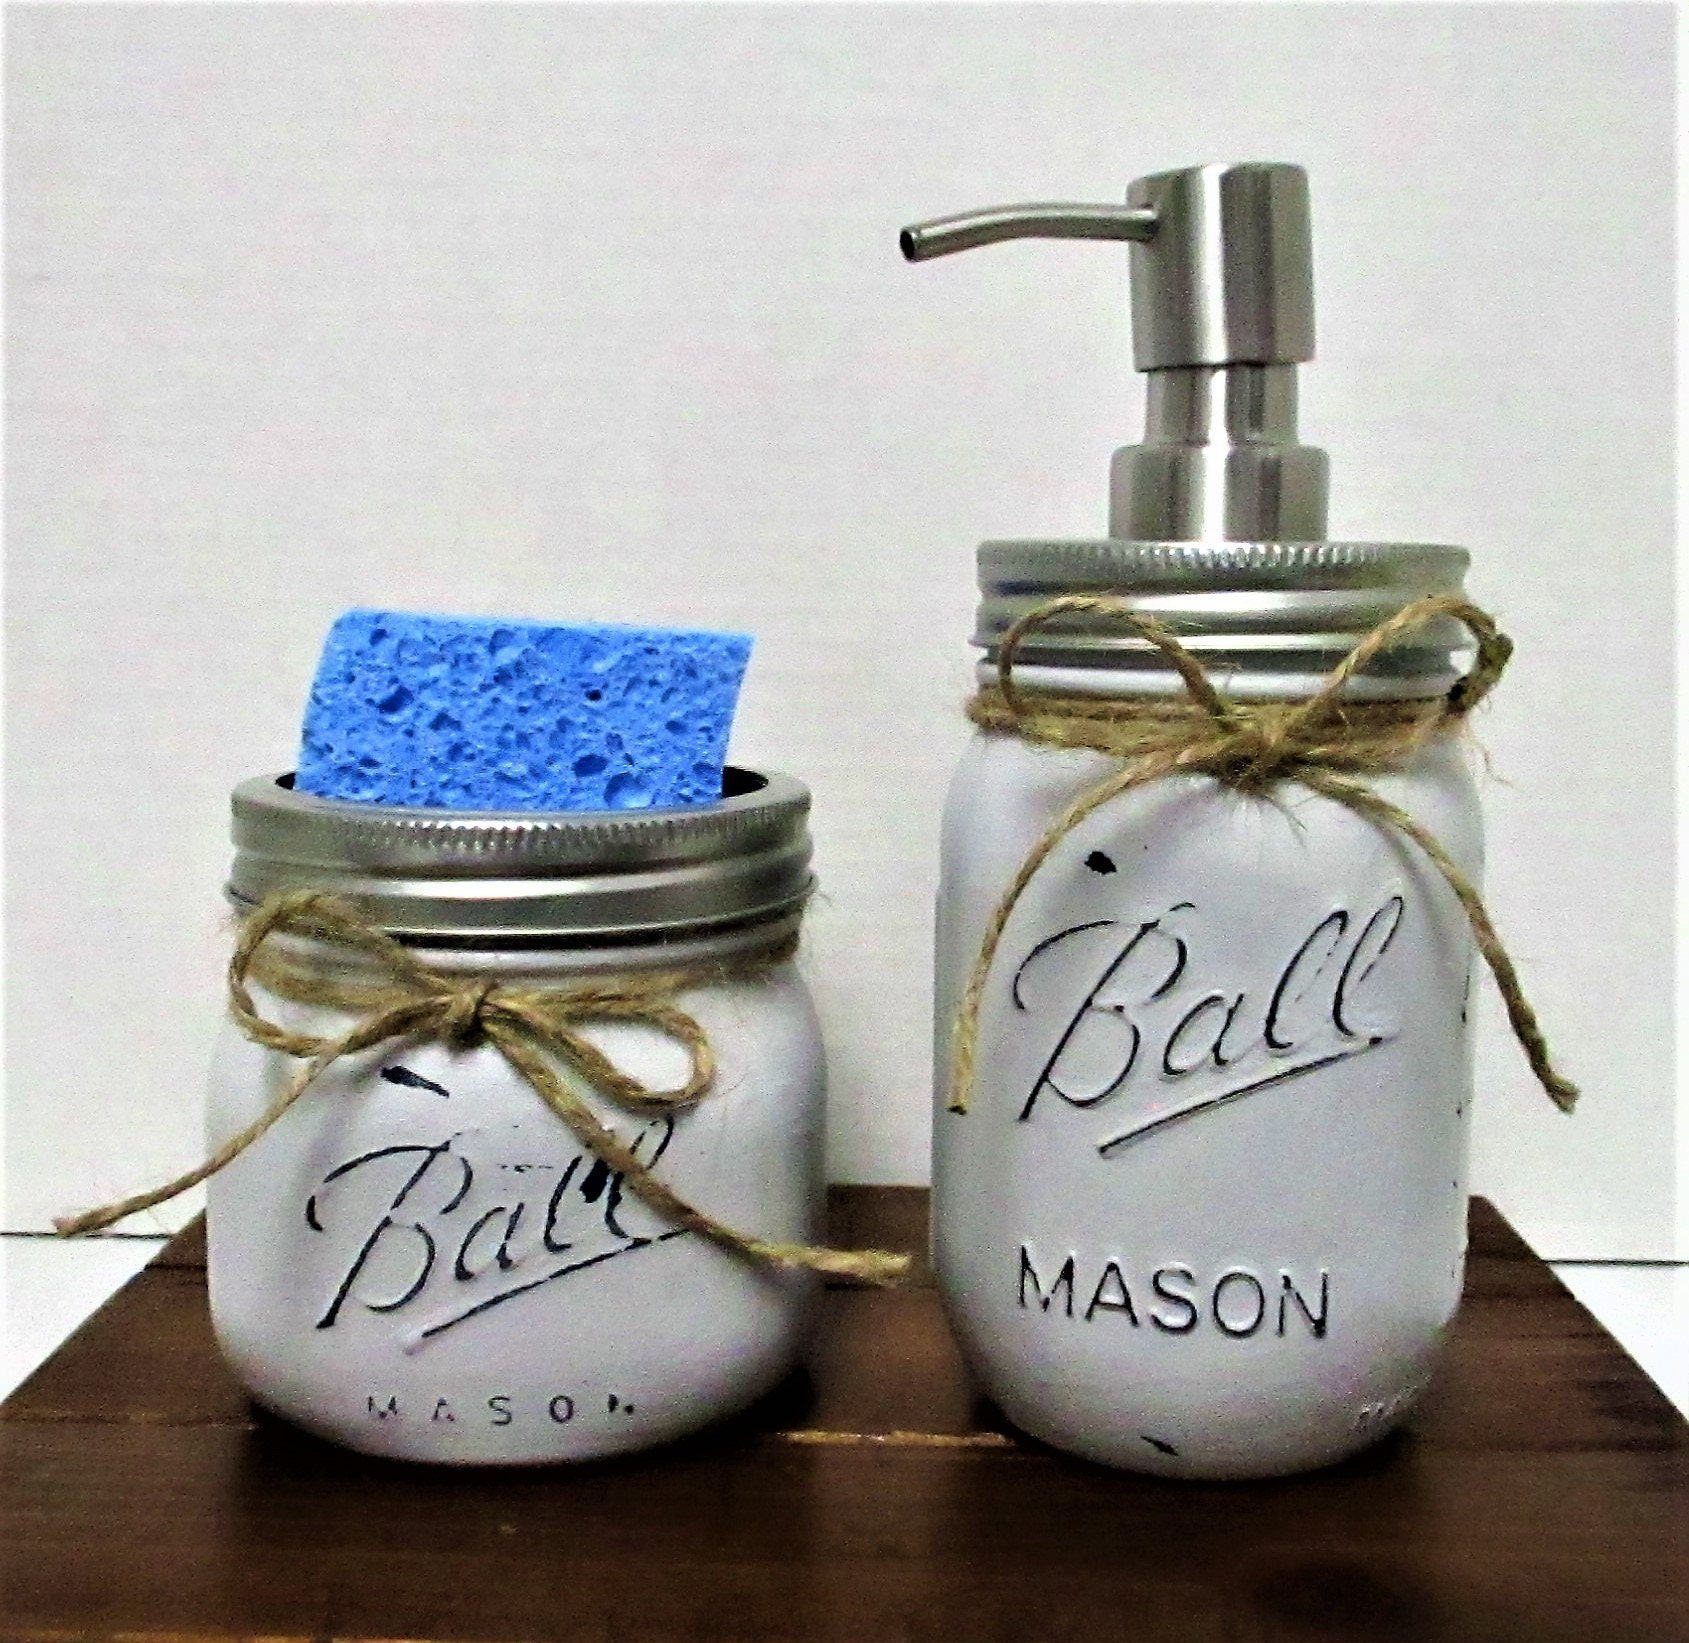 Mason Jar Kitchen Decor Set: Mason Jar Kitchen Set, Soap Dispenser, Sponge Holder